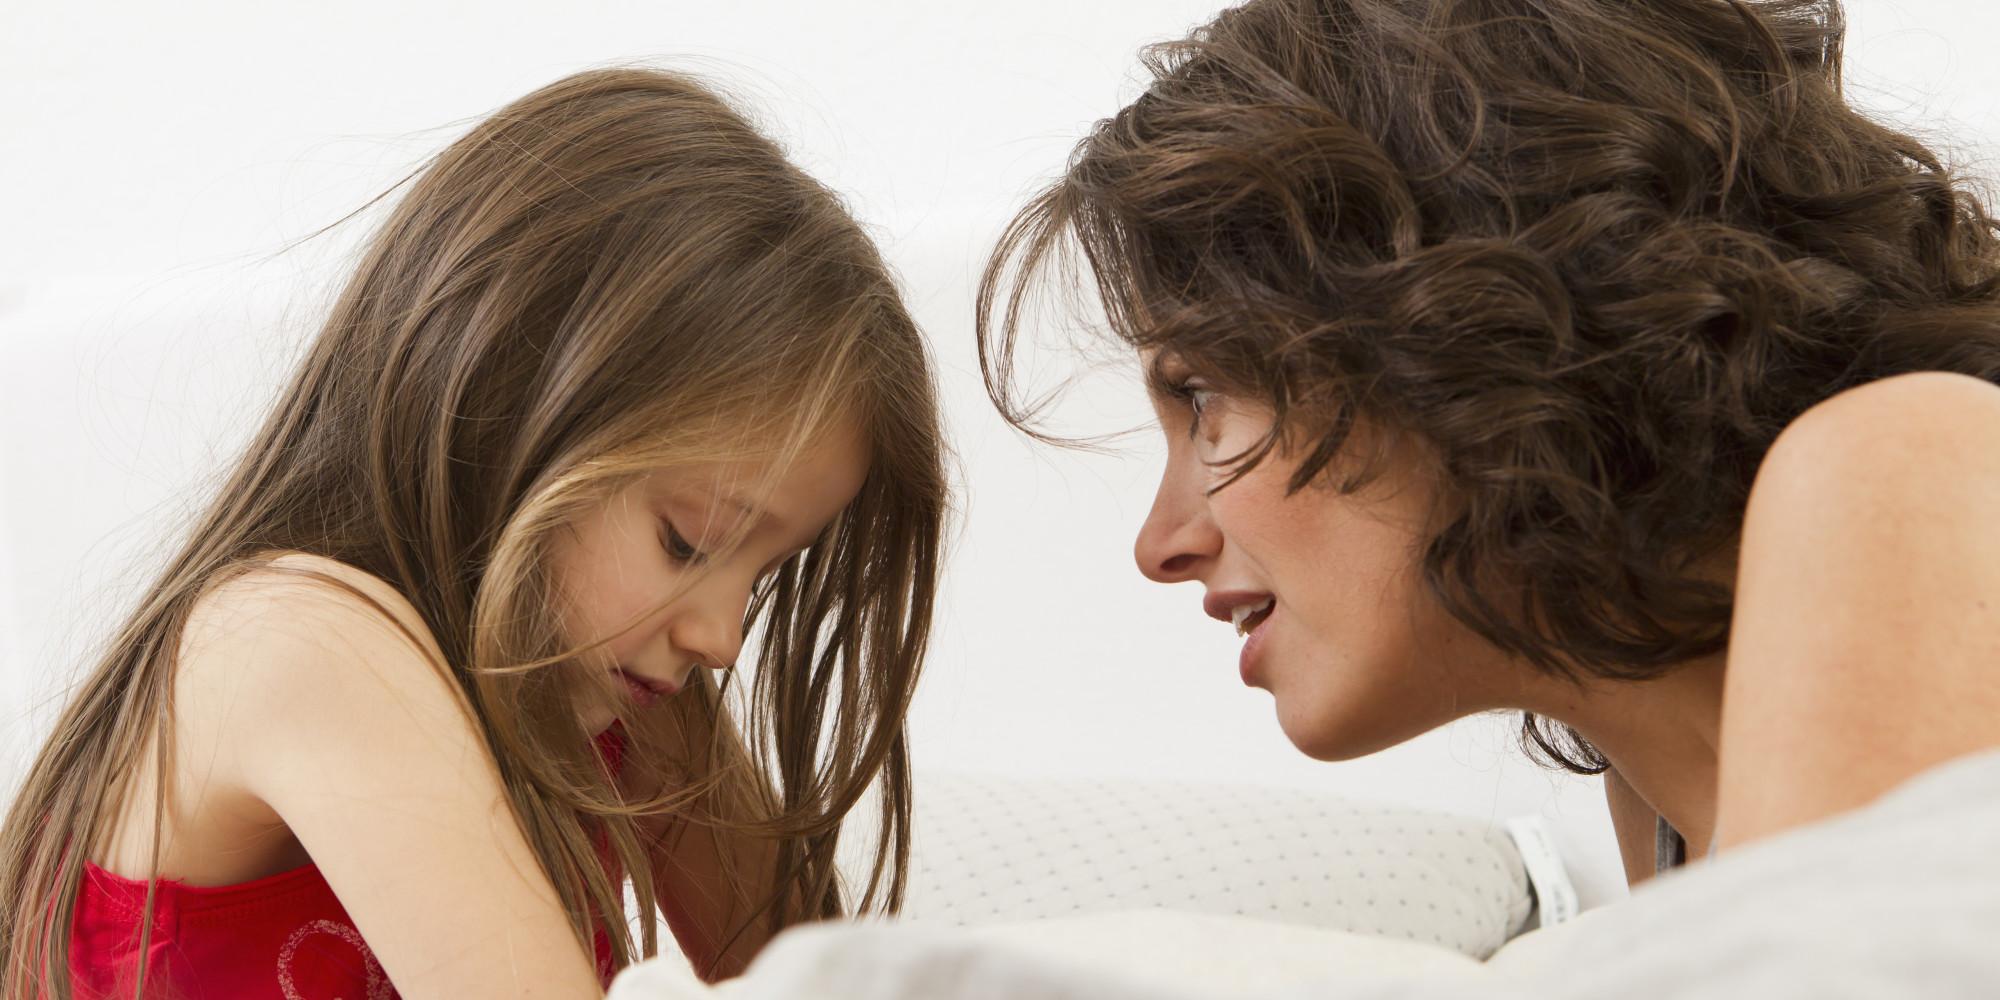 не нарушайте личное пространство ребенка